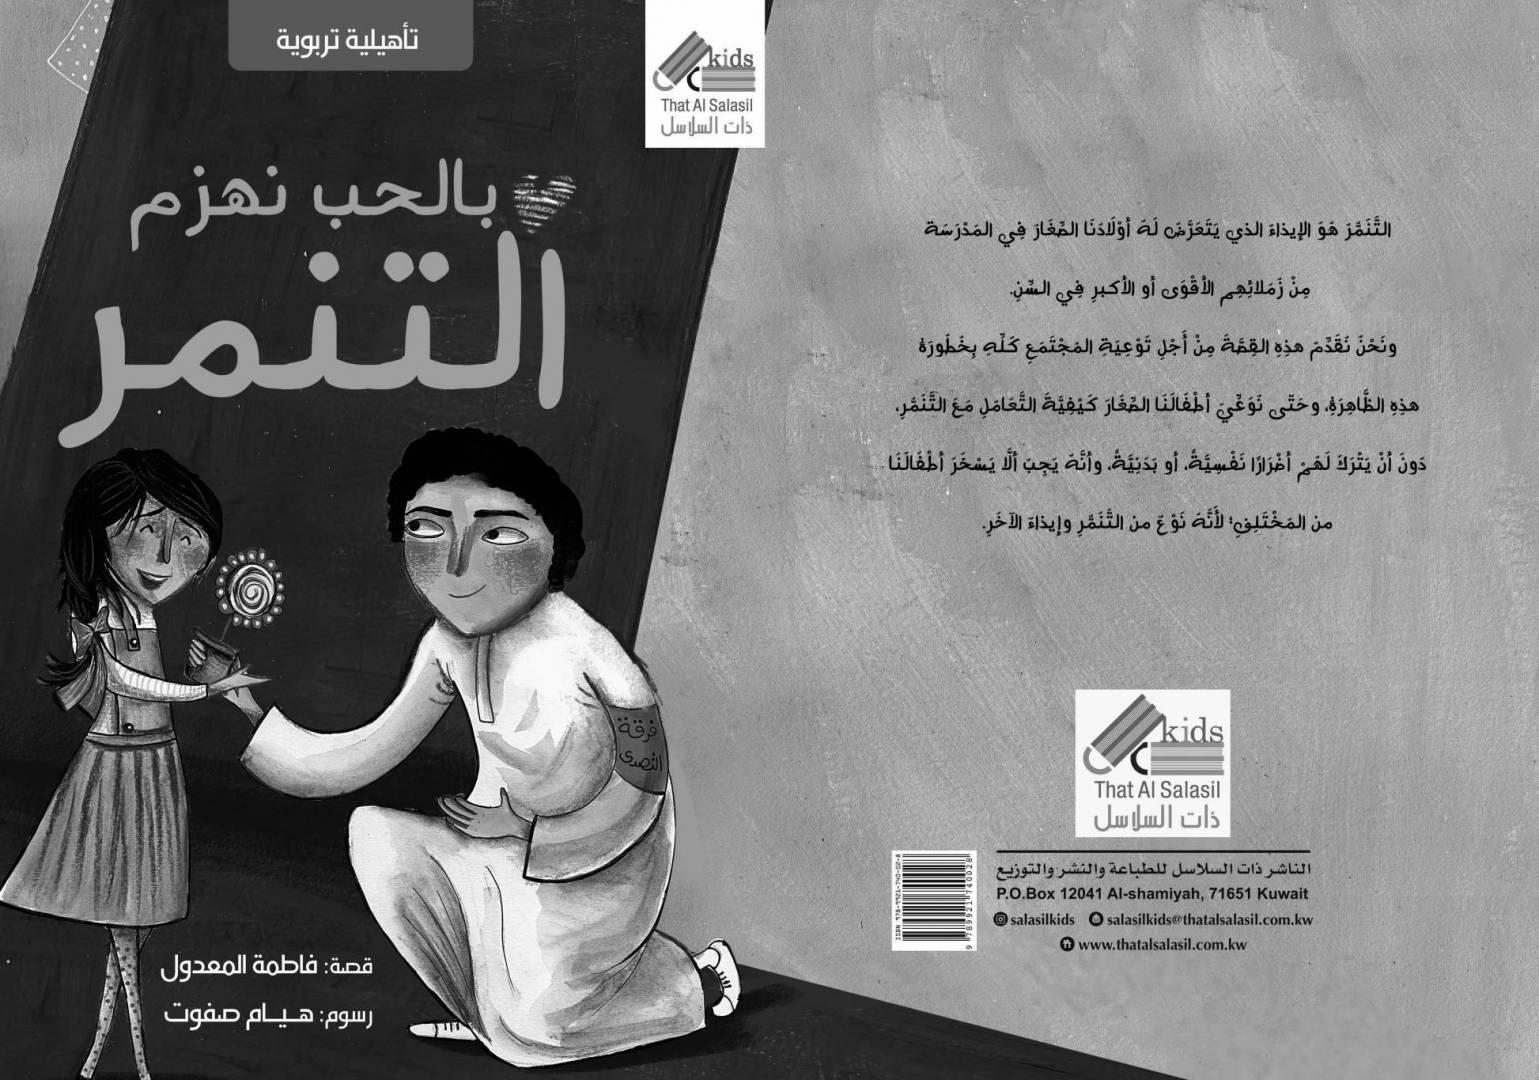 غلاف كتاب «بالحب نهزم التنمر»